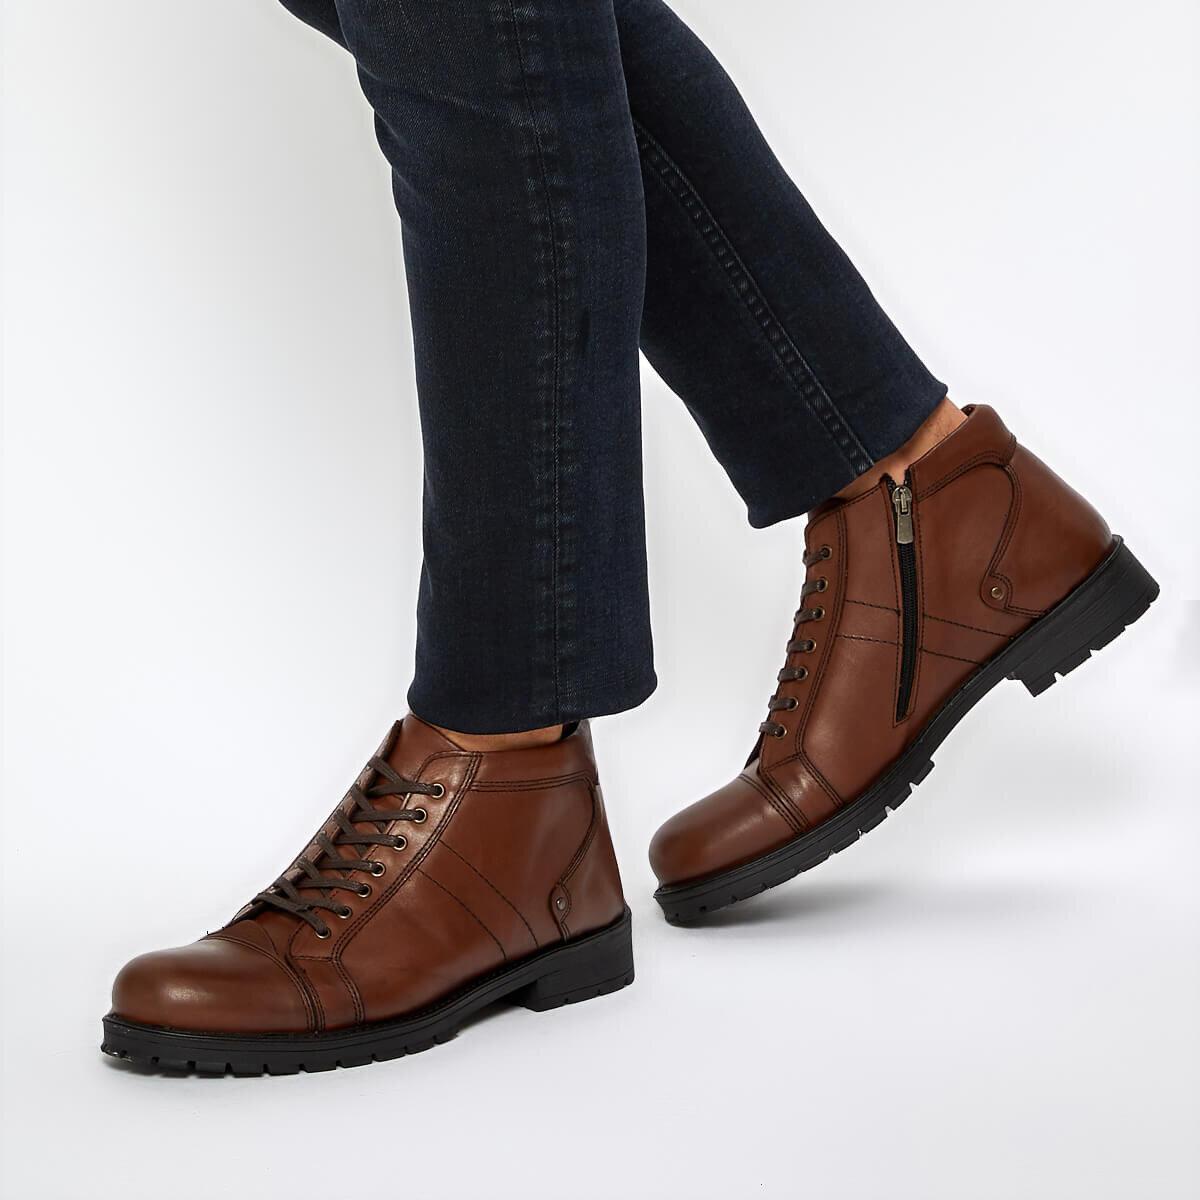 Flo 511 c 19 tan botas masculinas óxido